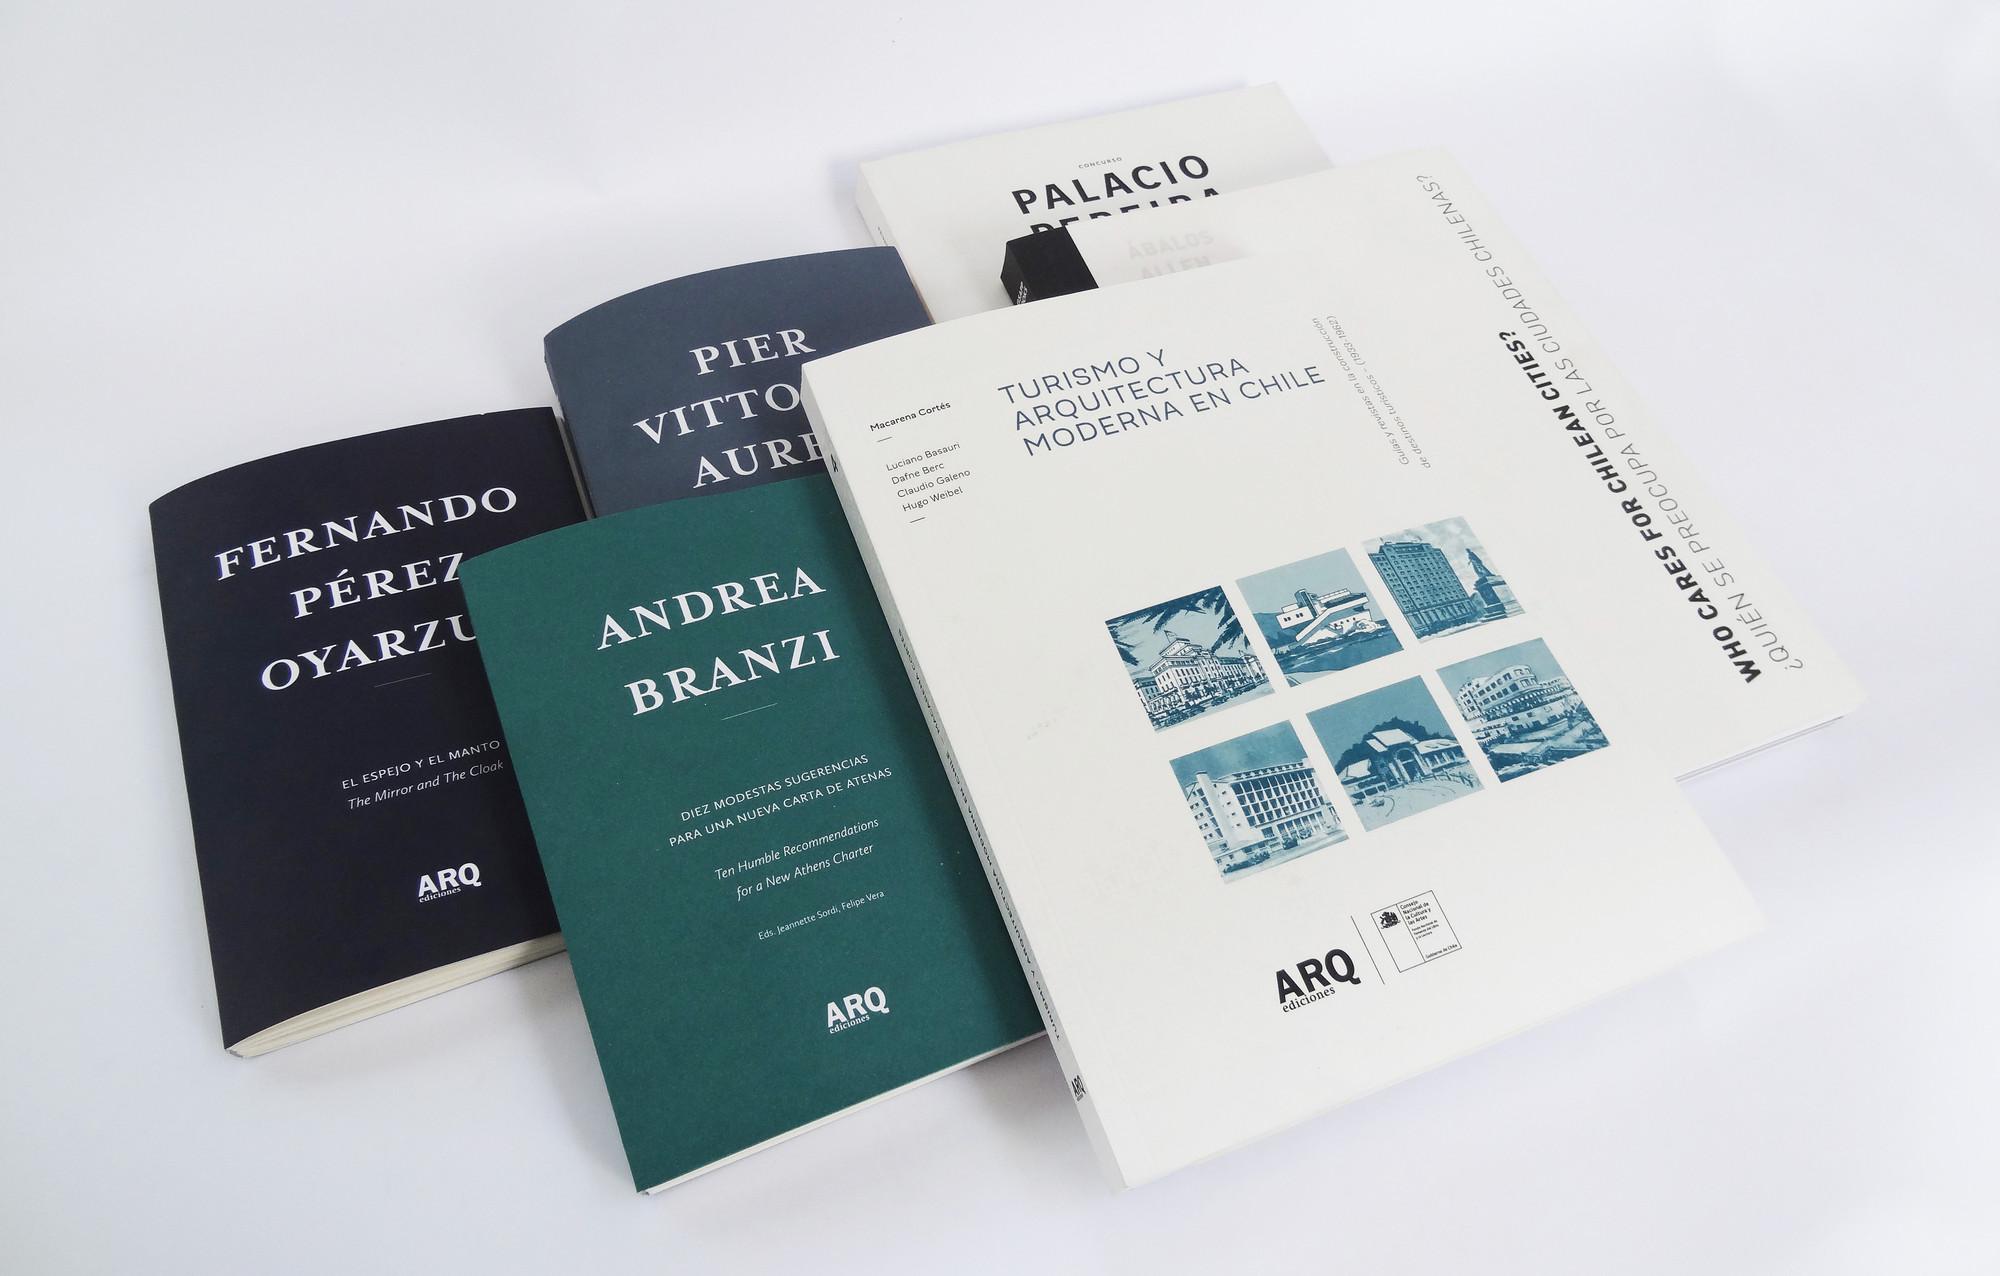 Curso ¿Cómo Publicar Arquitectura? / Escuela de Arquitectura UC, Cortesia de Ediciones ARQ